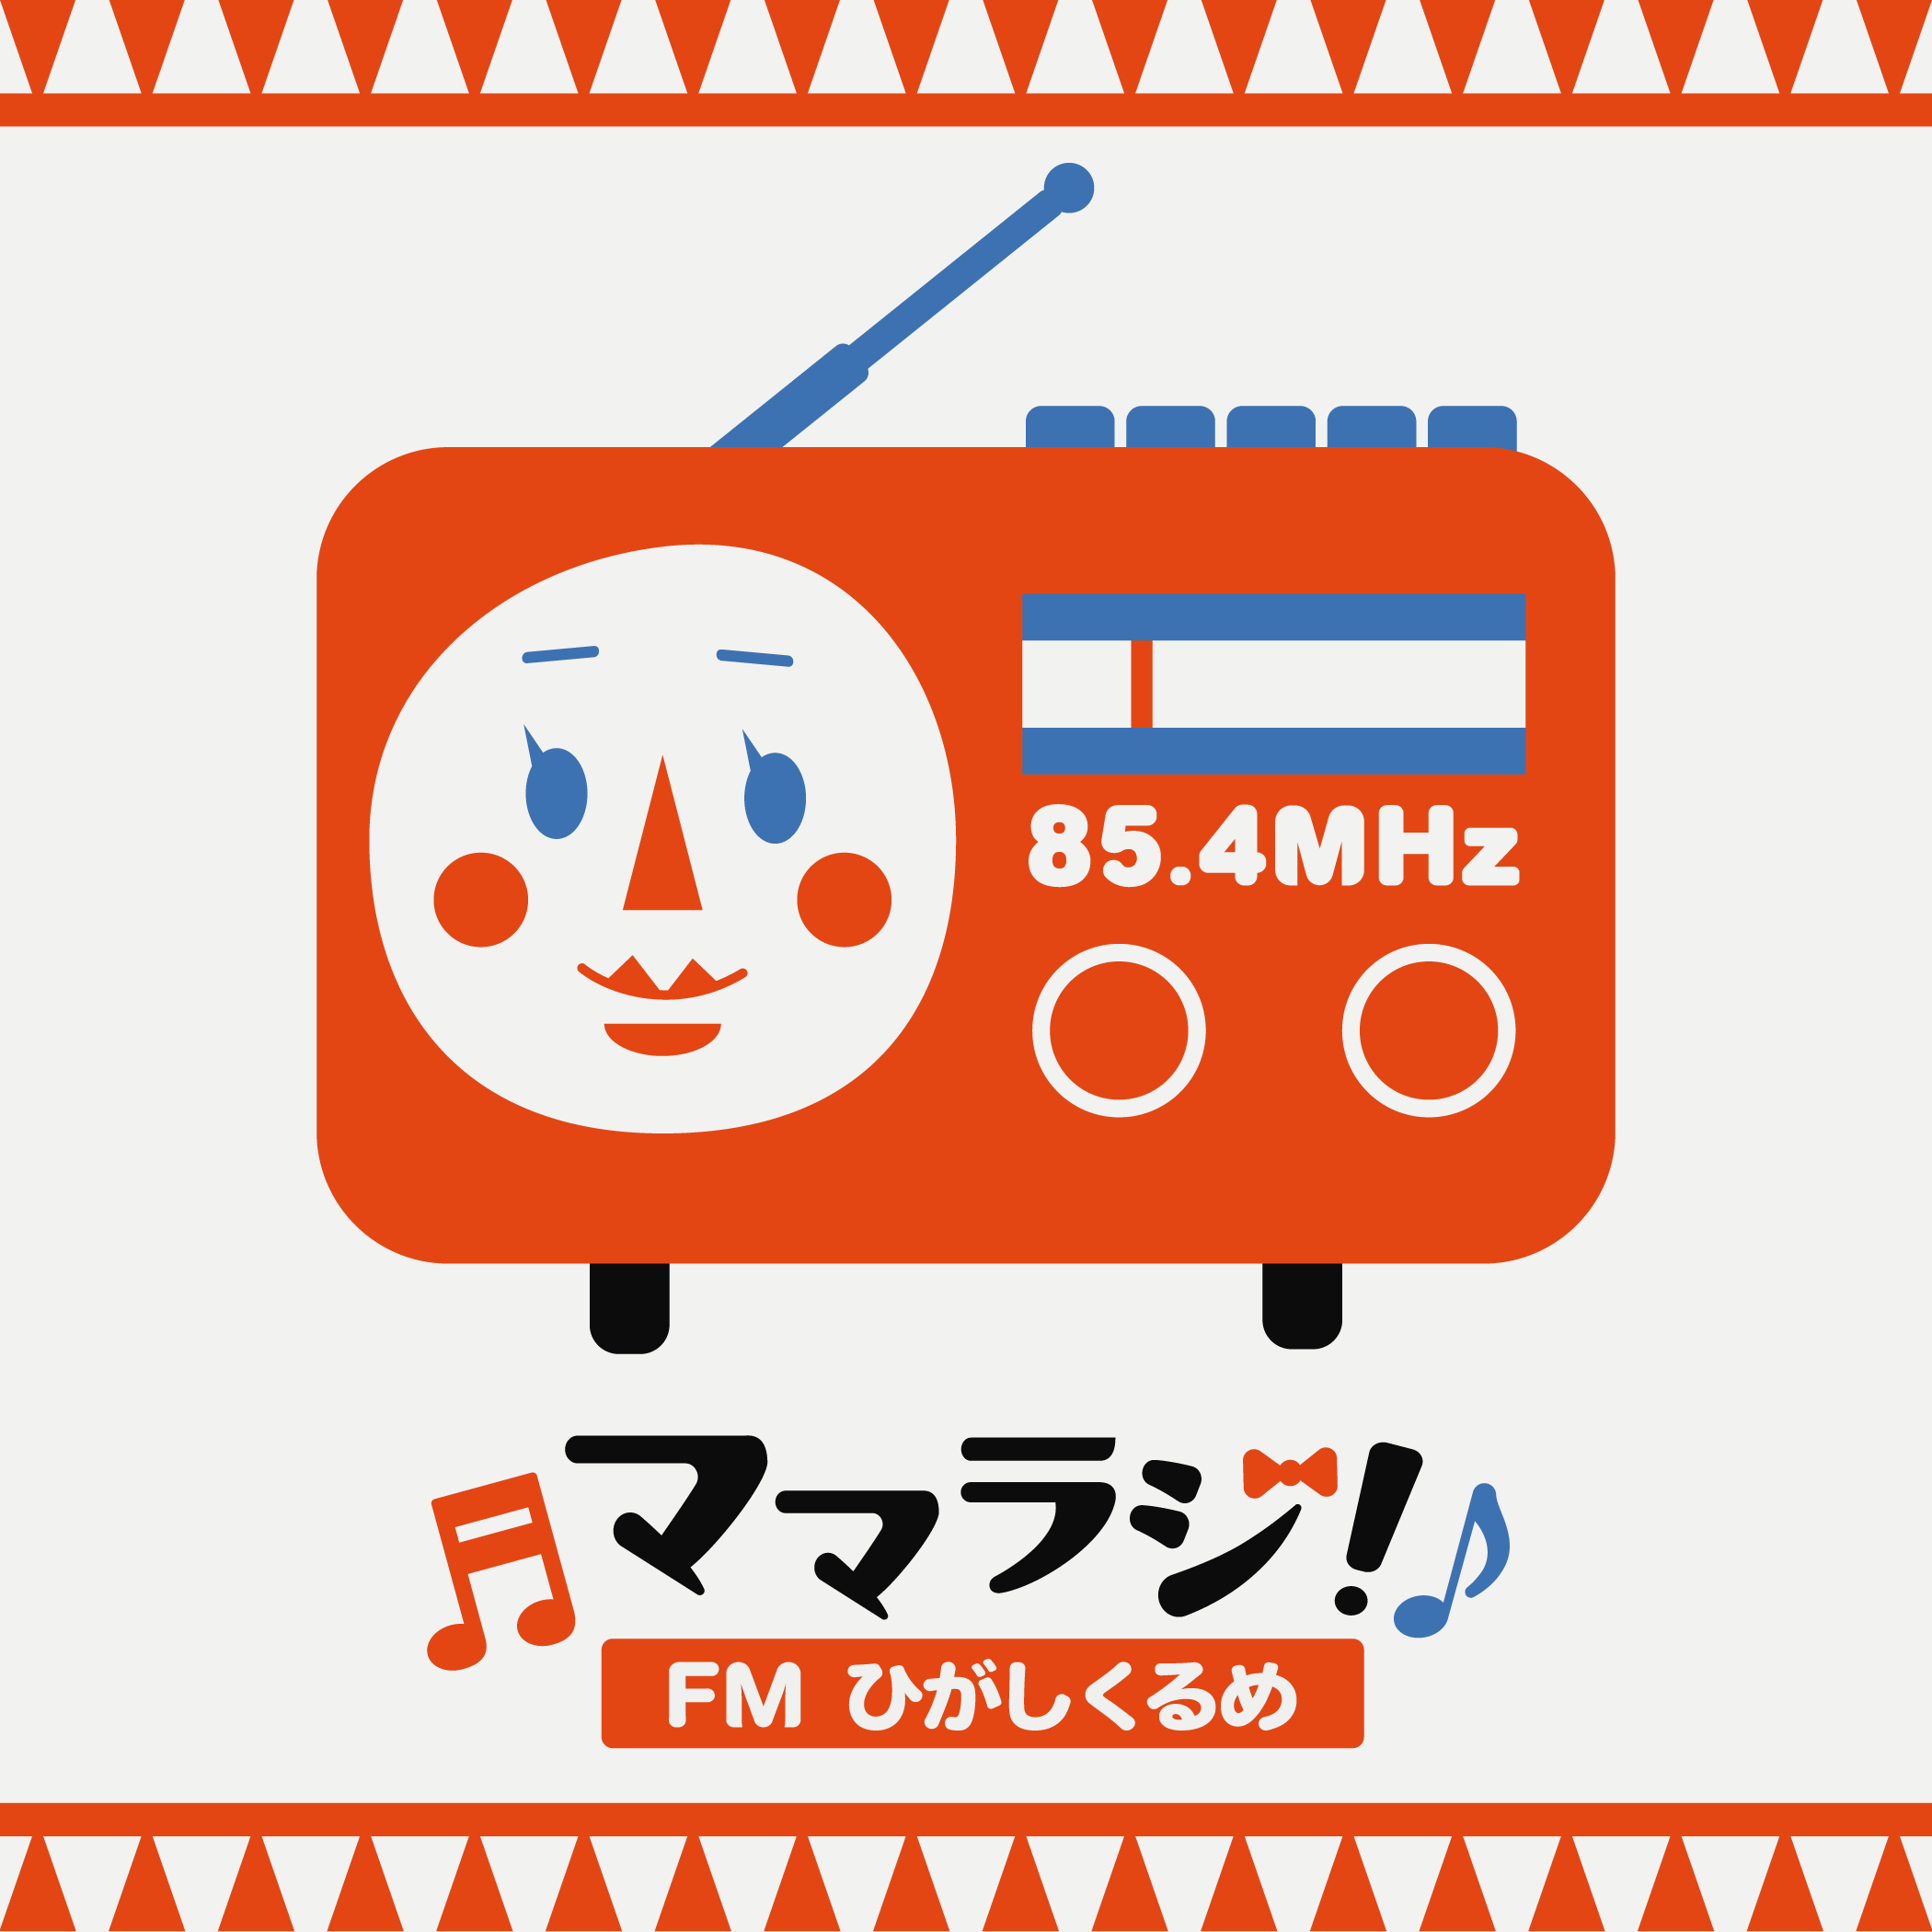 ママラジロゴ2020-Conflicted-copy-from-唐澤夕希乃のiMac-on-2020-07-02